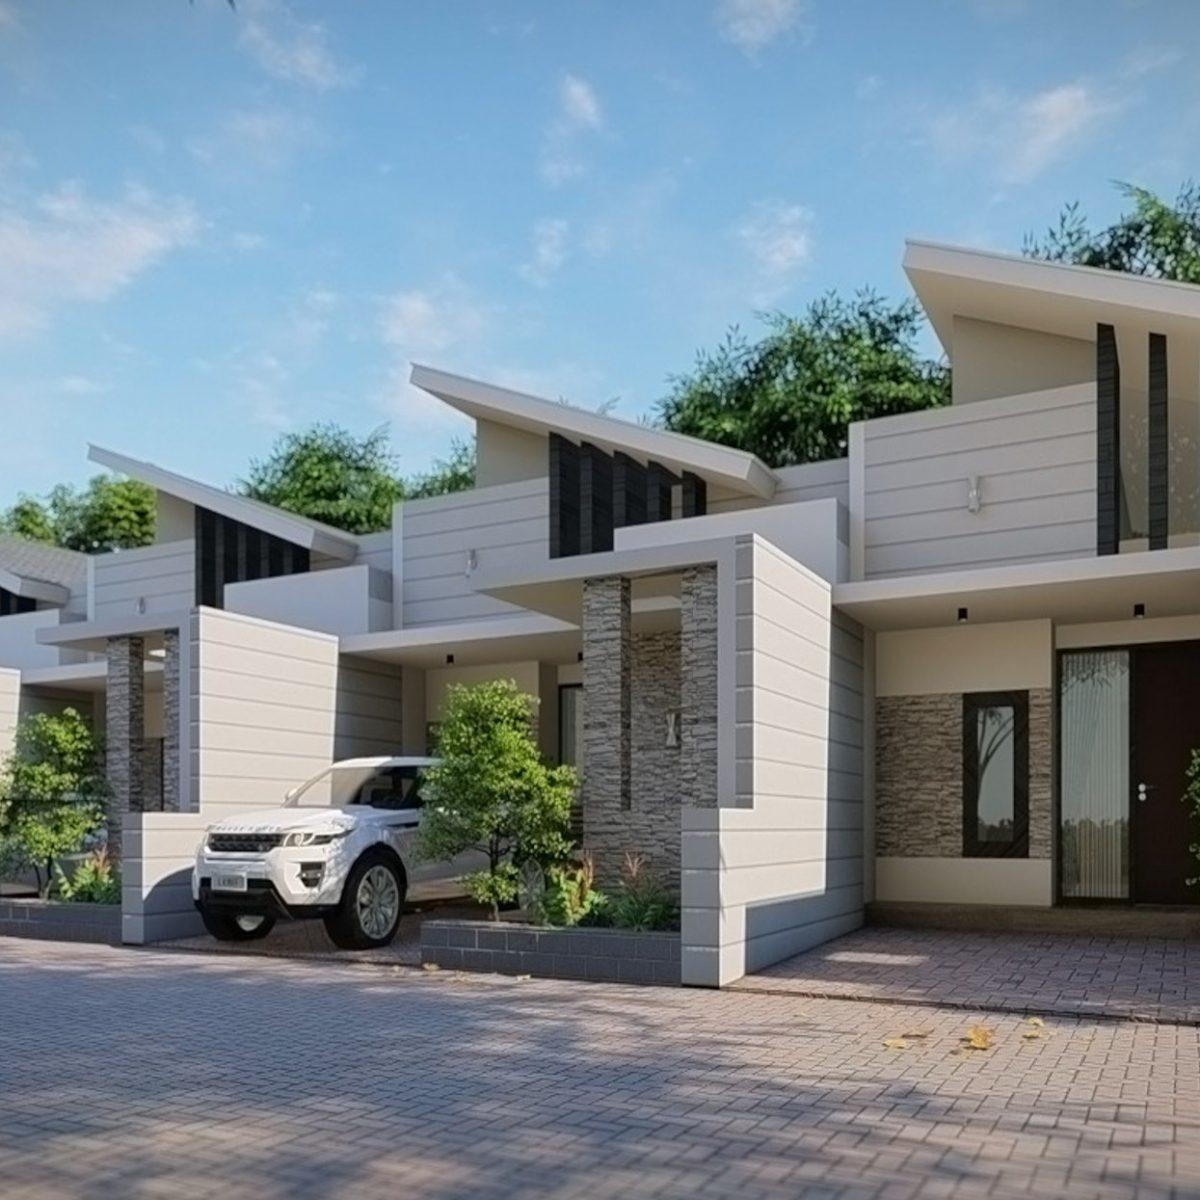 Marifa Dasa Development Deverloper Property Syariah - MarifaProperty.com